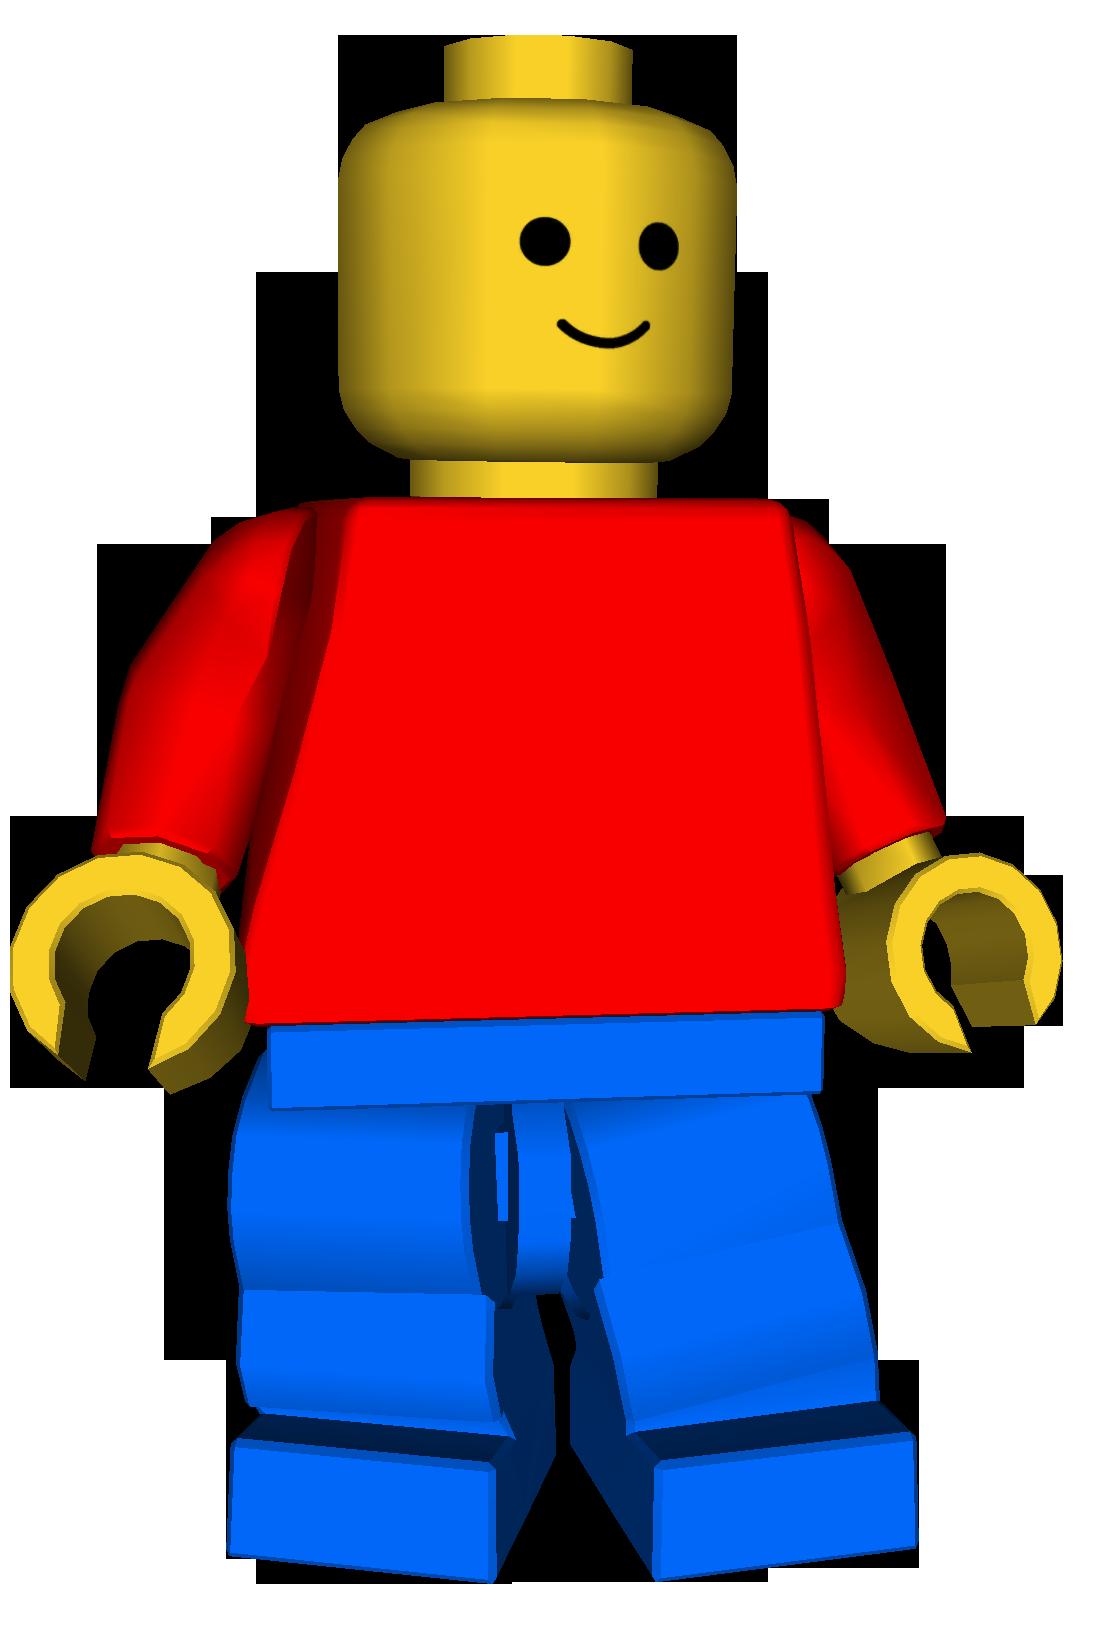 Legos clipart part. Lego png